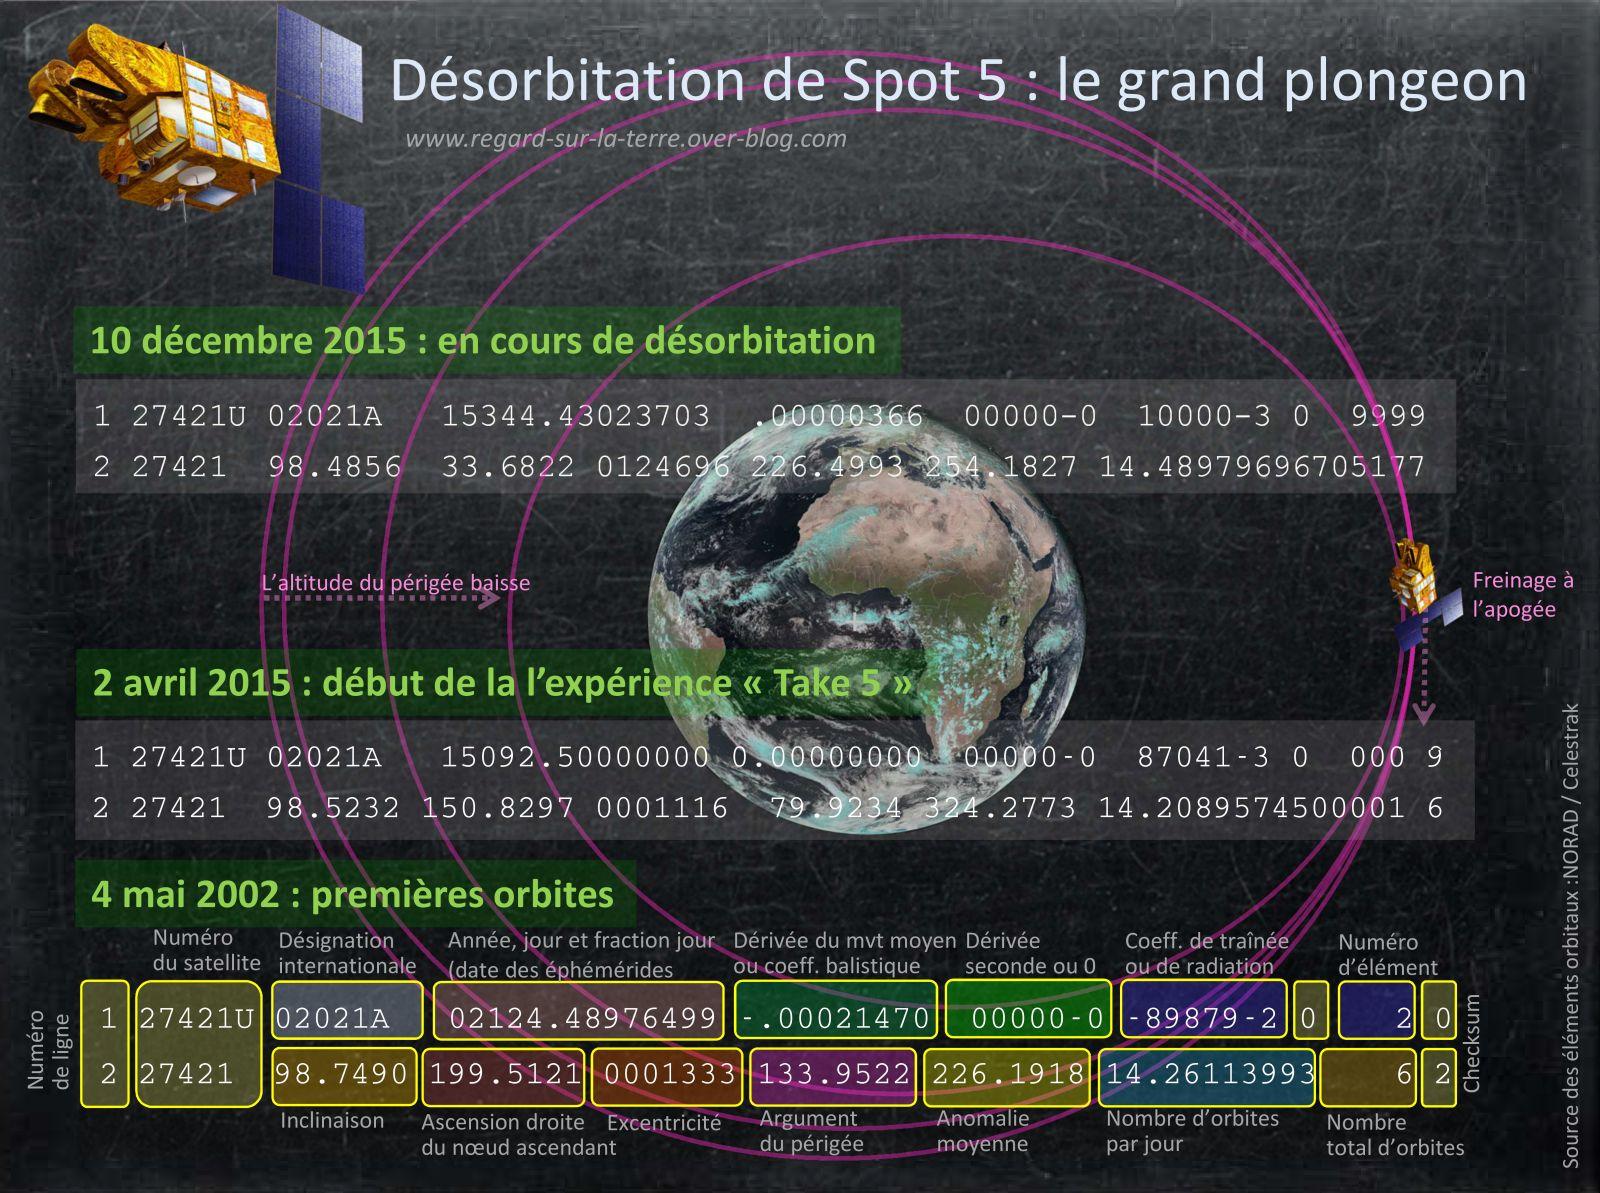 Spot 5 - Satellite - Désorbitation - Décembre 2015 - TLE - Apogée - Périgée - Excentricité - CNES - éléments orbitaux